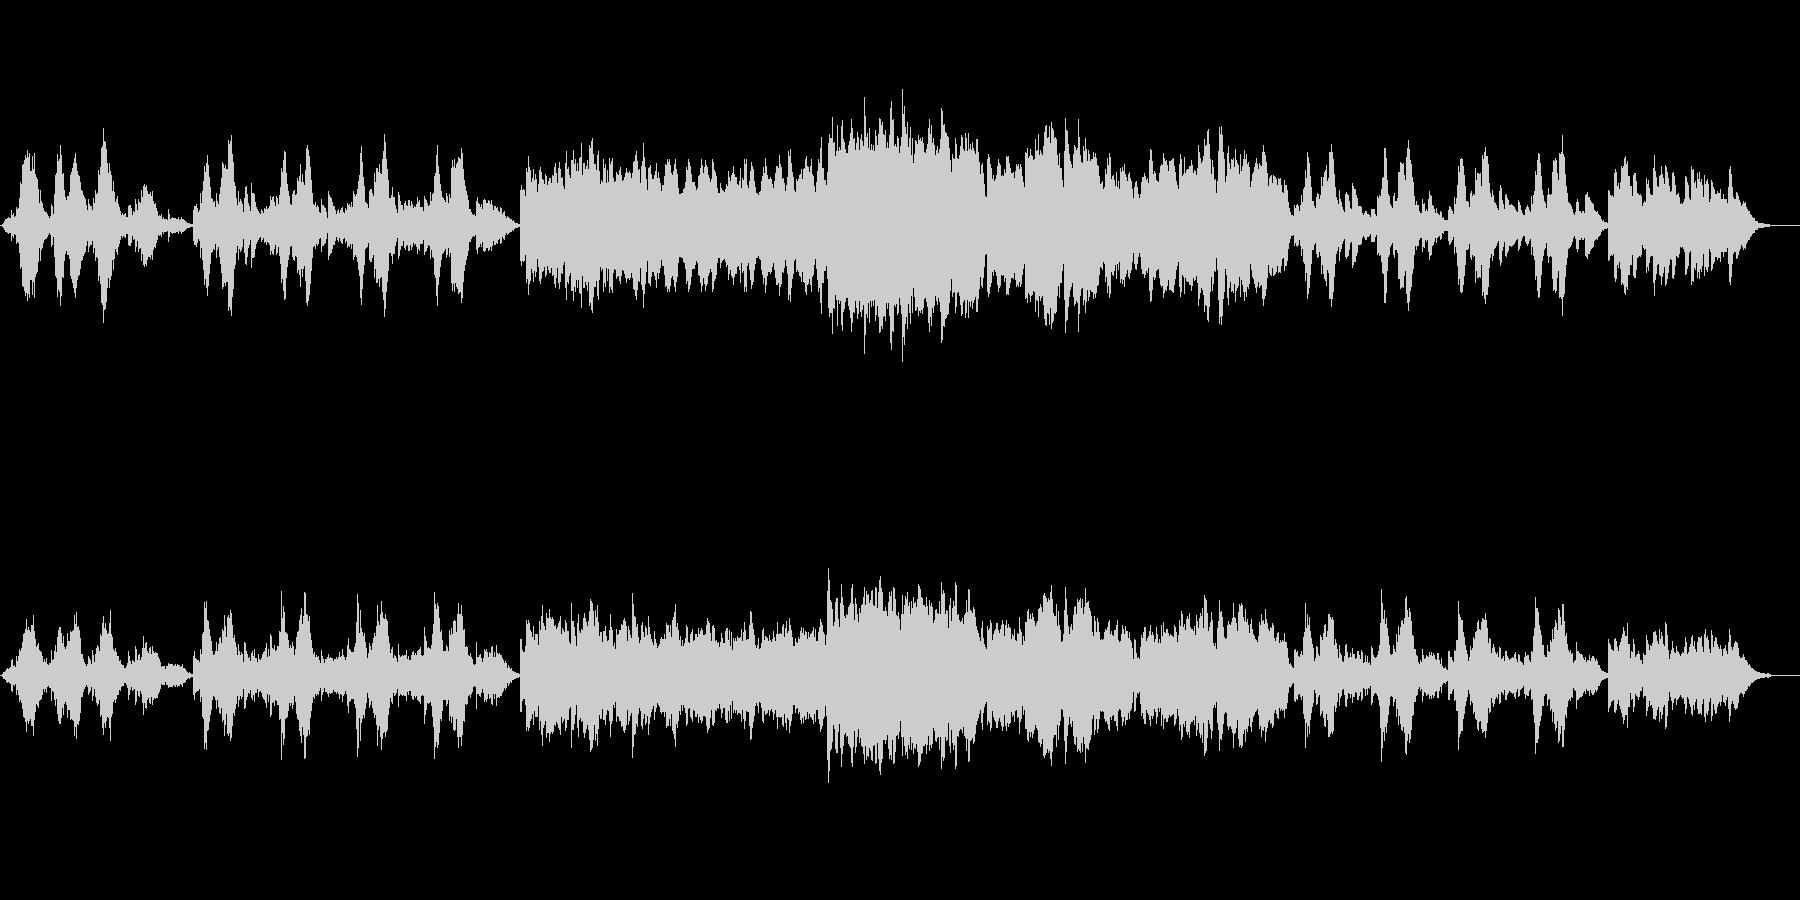 流れるピアノの旋律が印象的なインストの未再生の波形